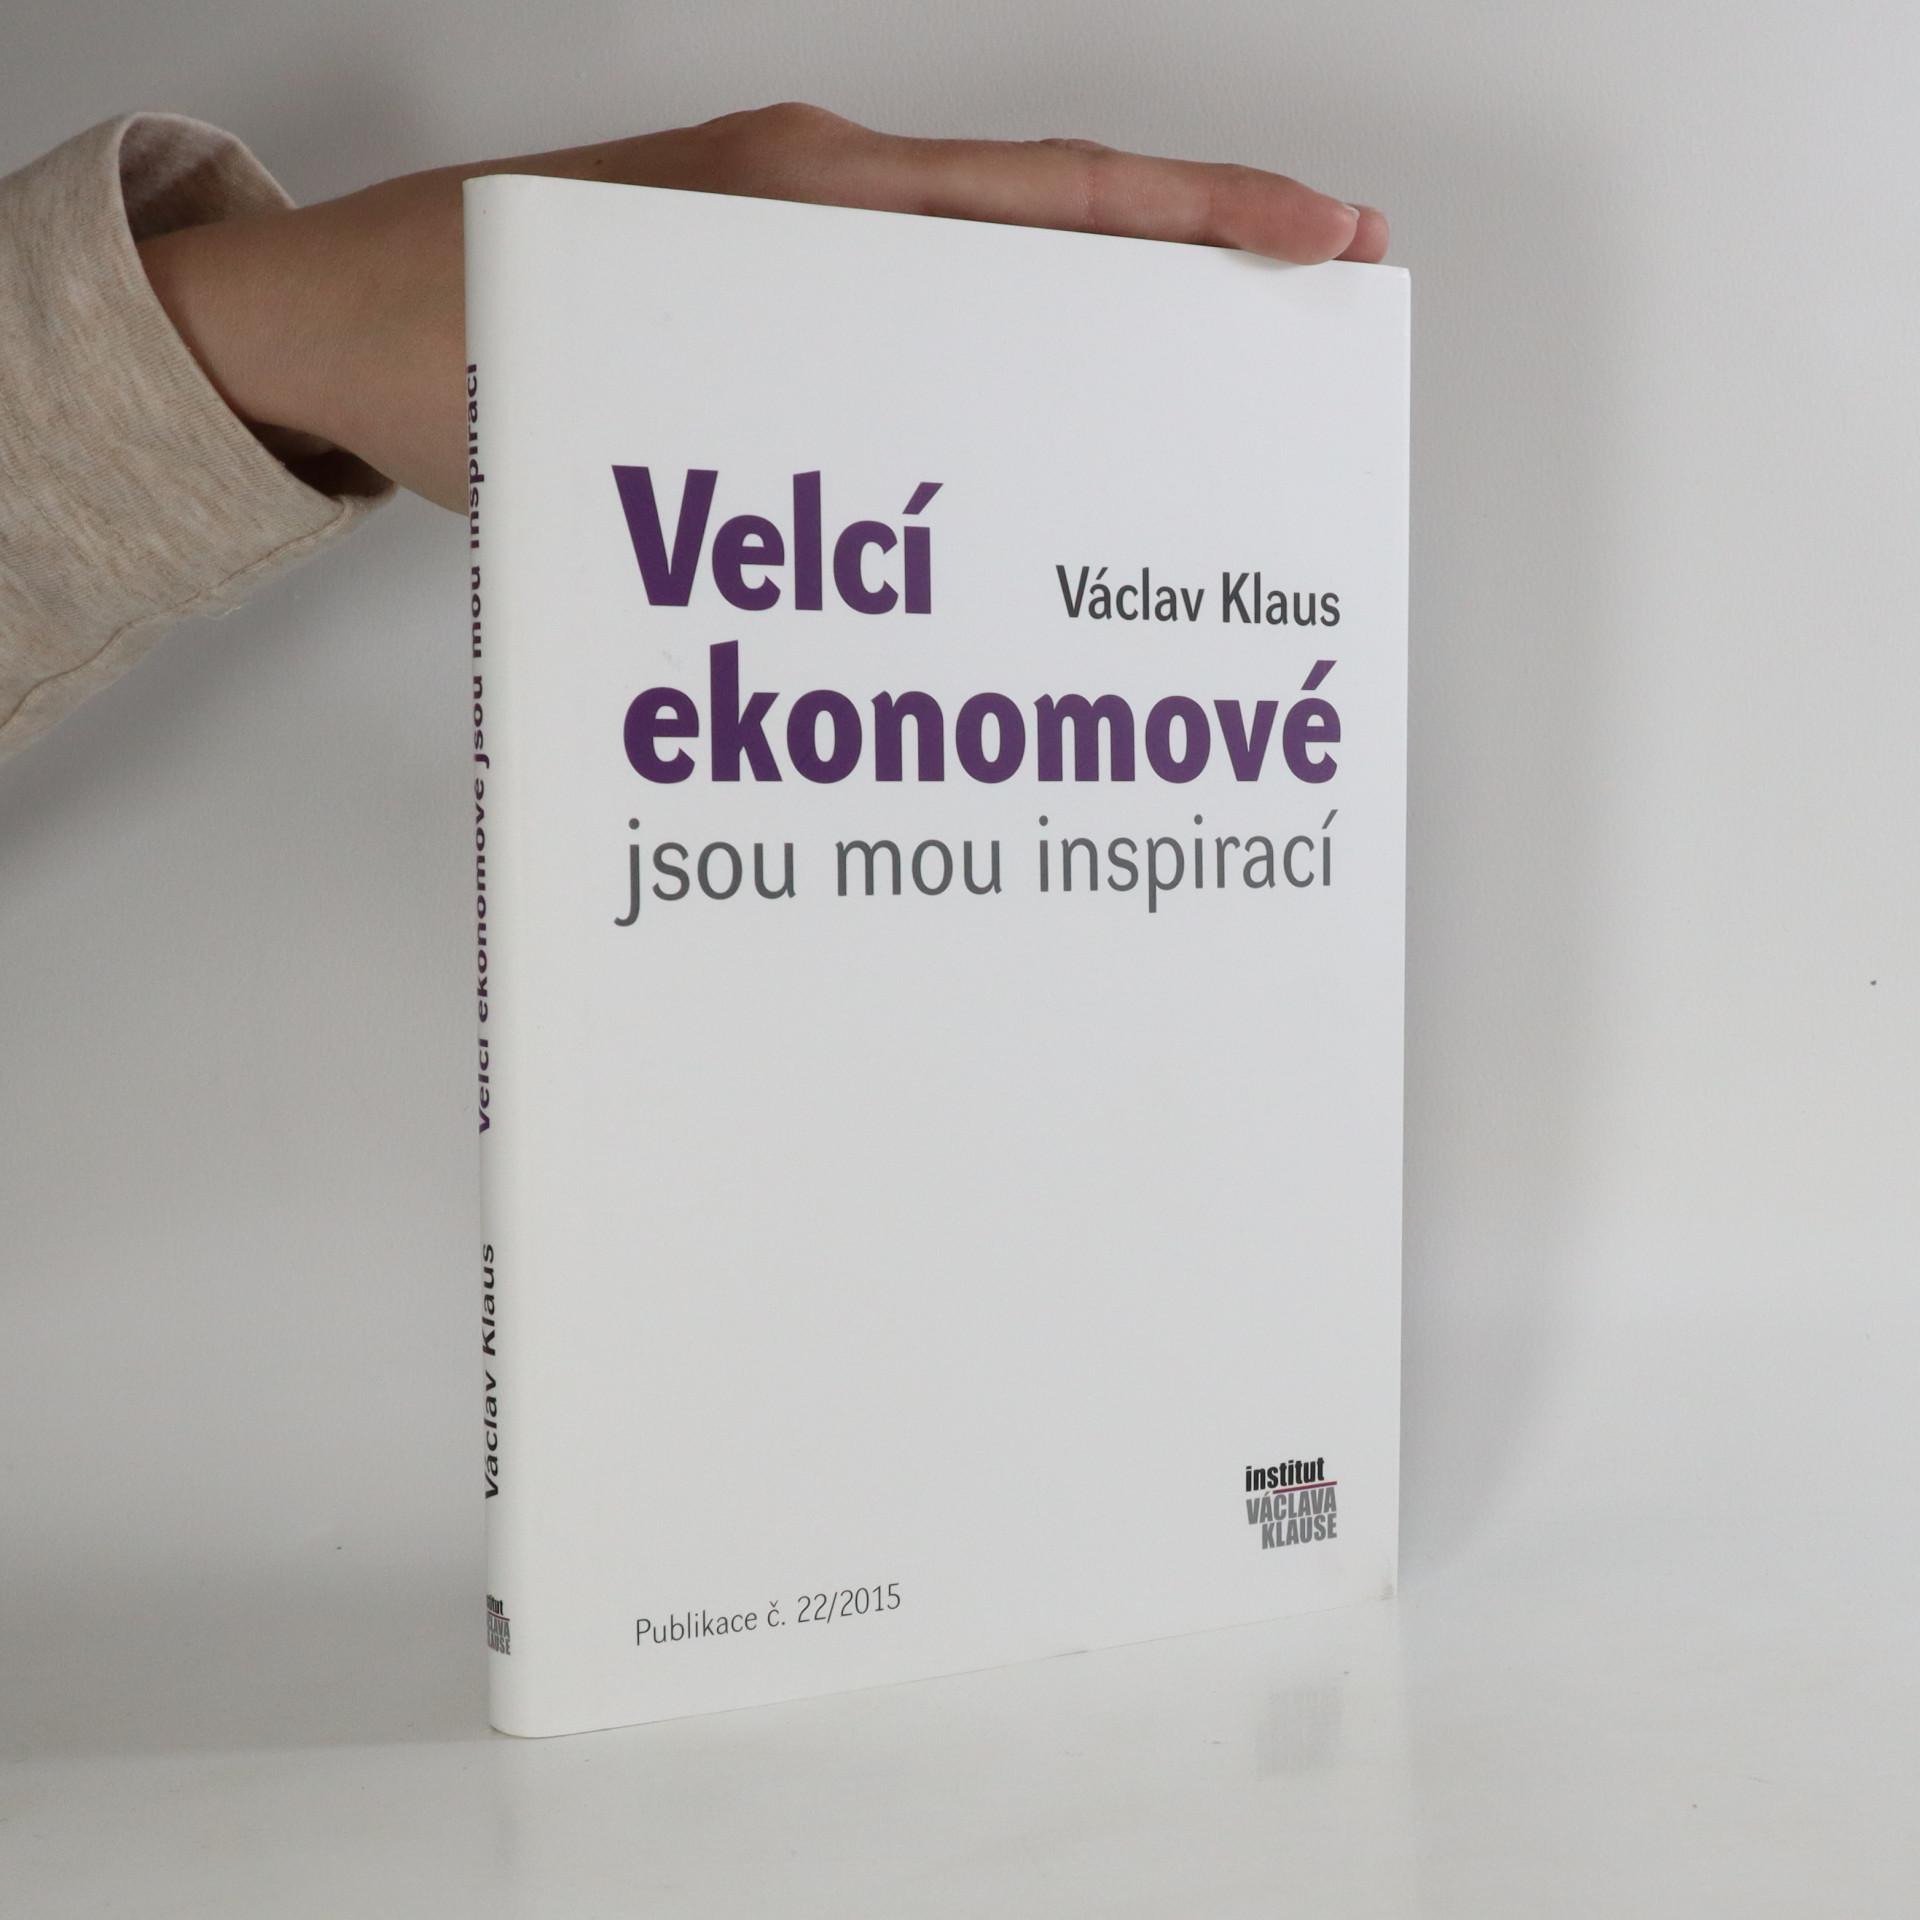 antikvární kniha Velcí ekonomové jsou mou inspirací, 2015